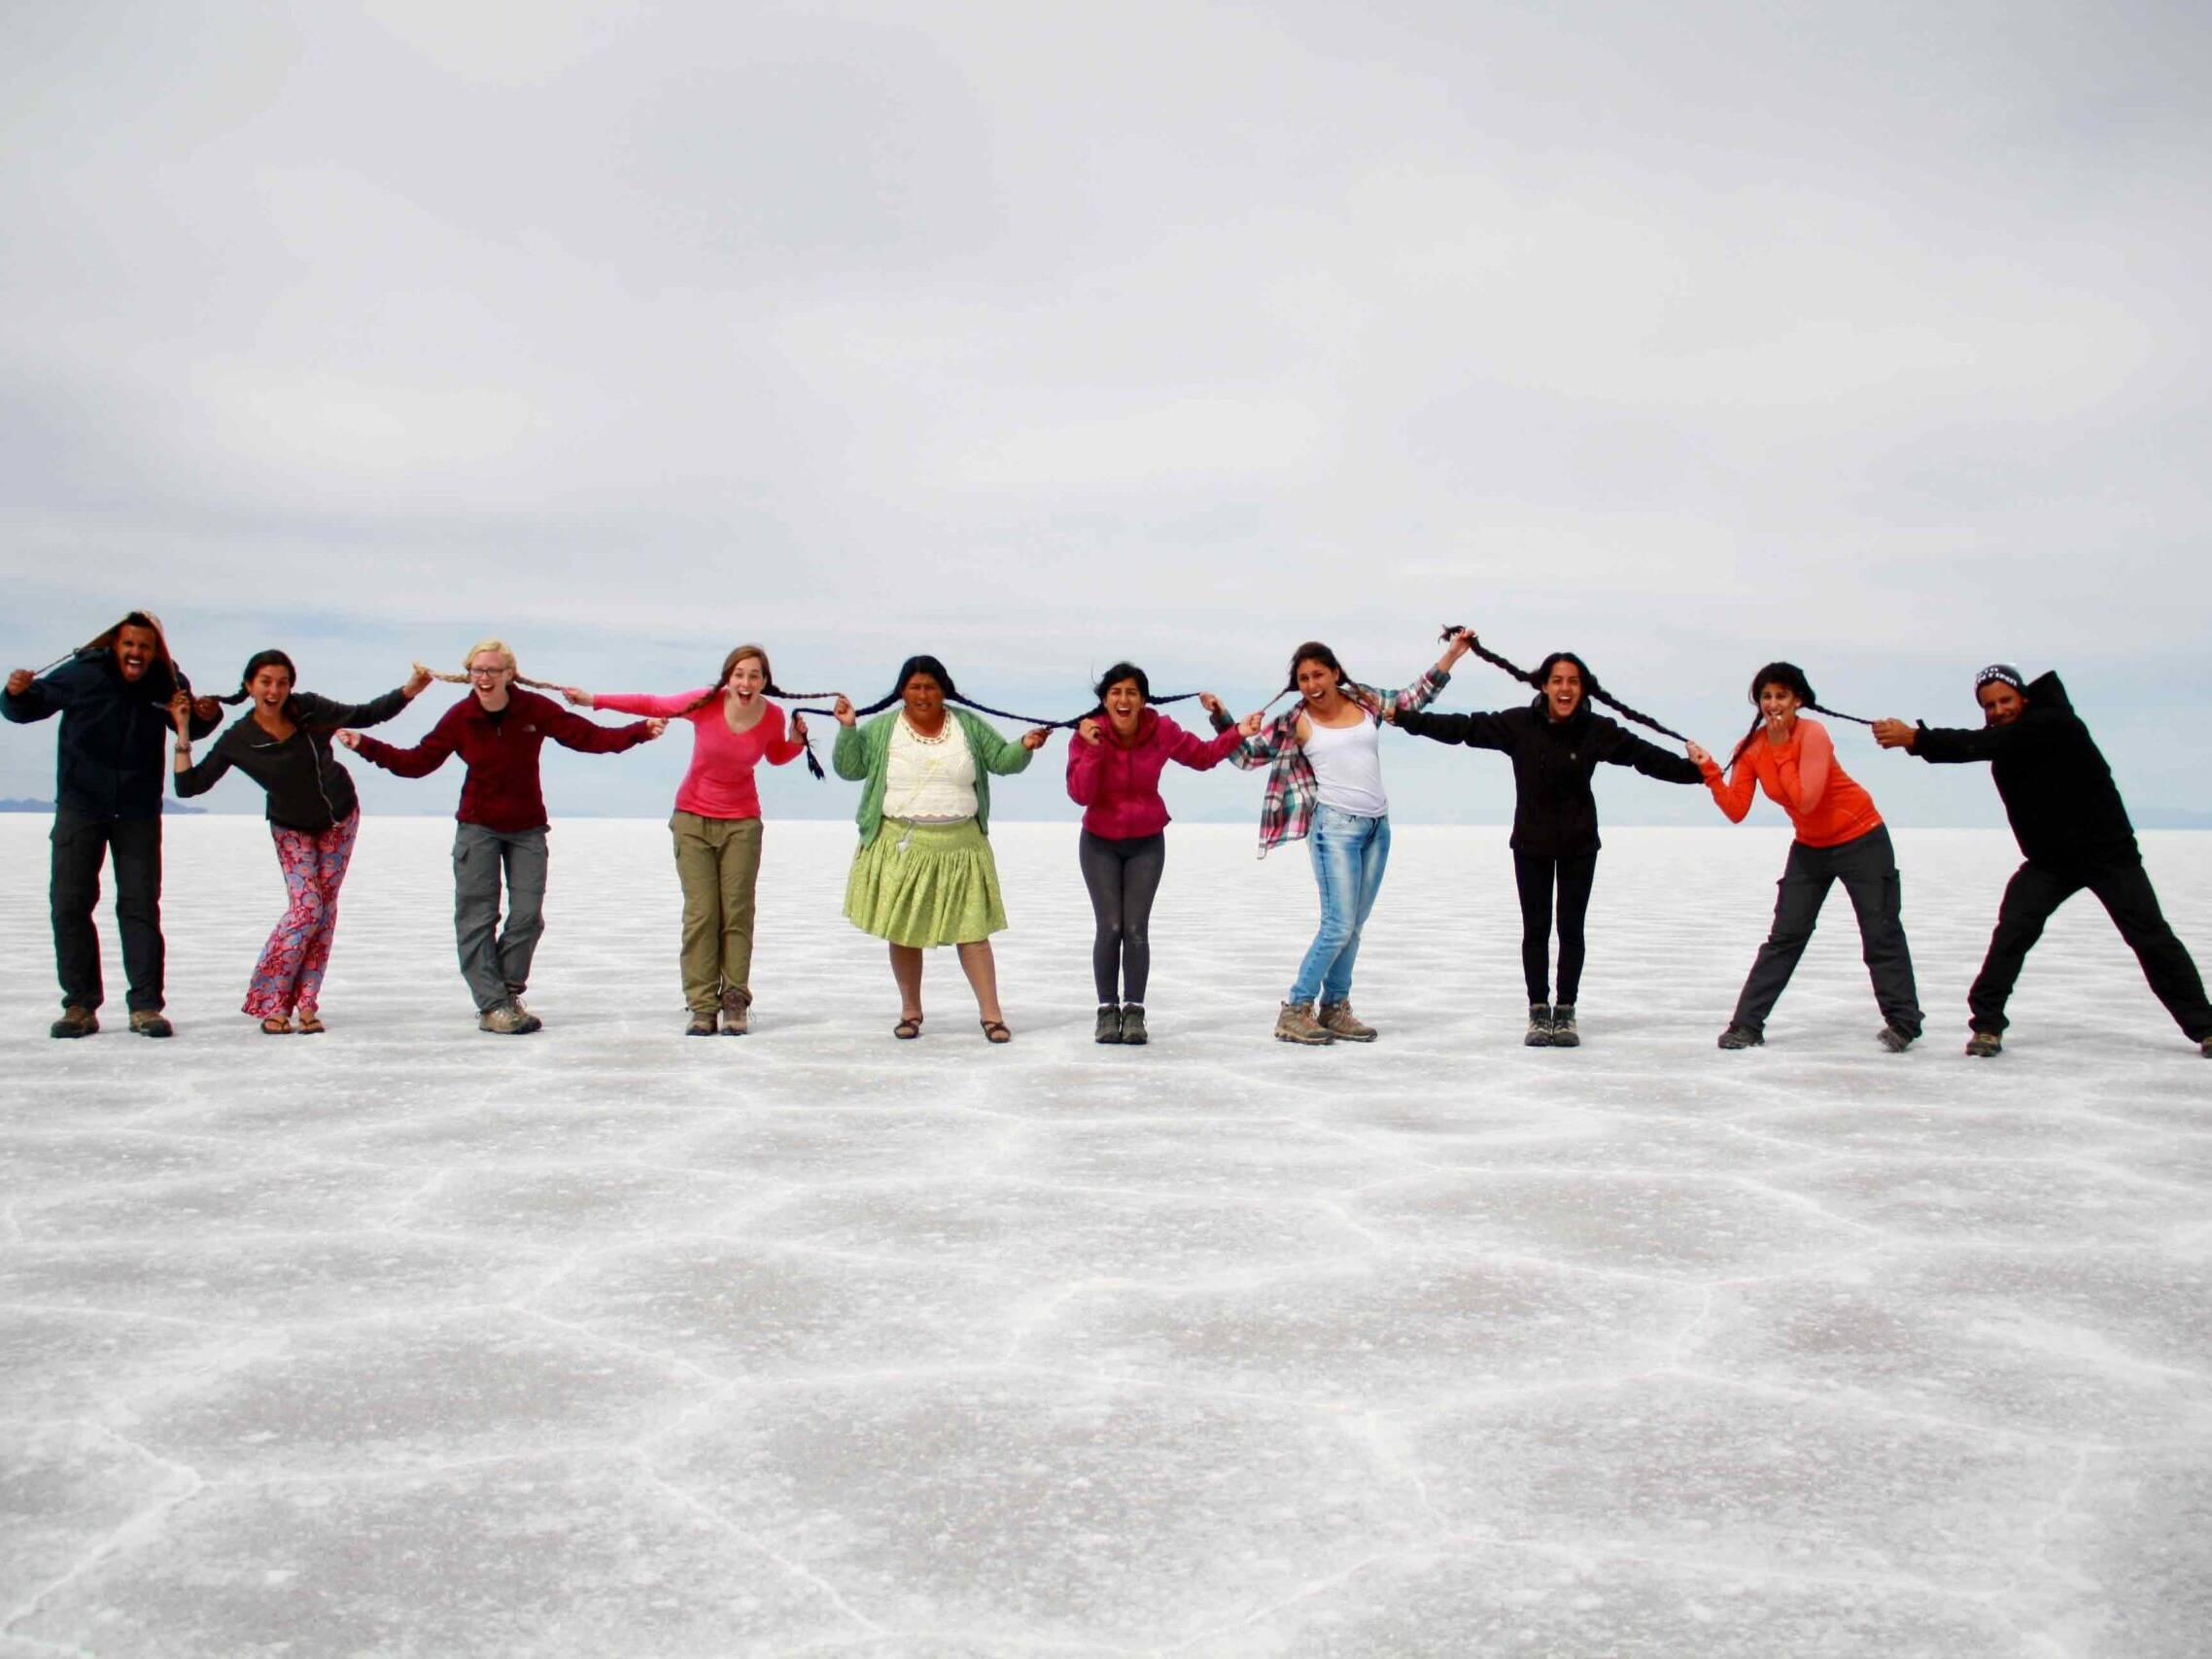 tour group salt flats uyuni bolivia